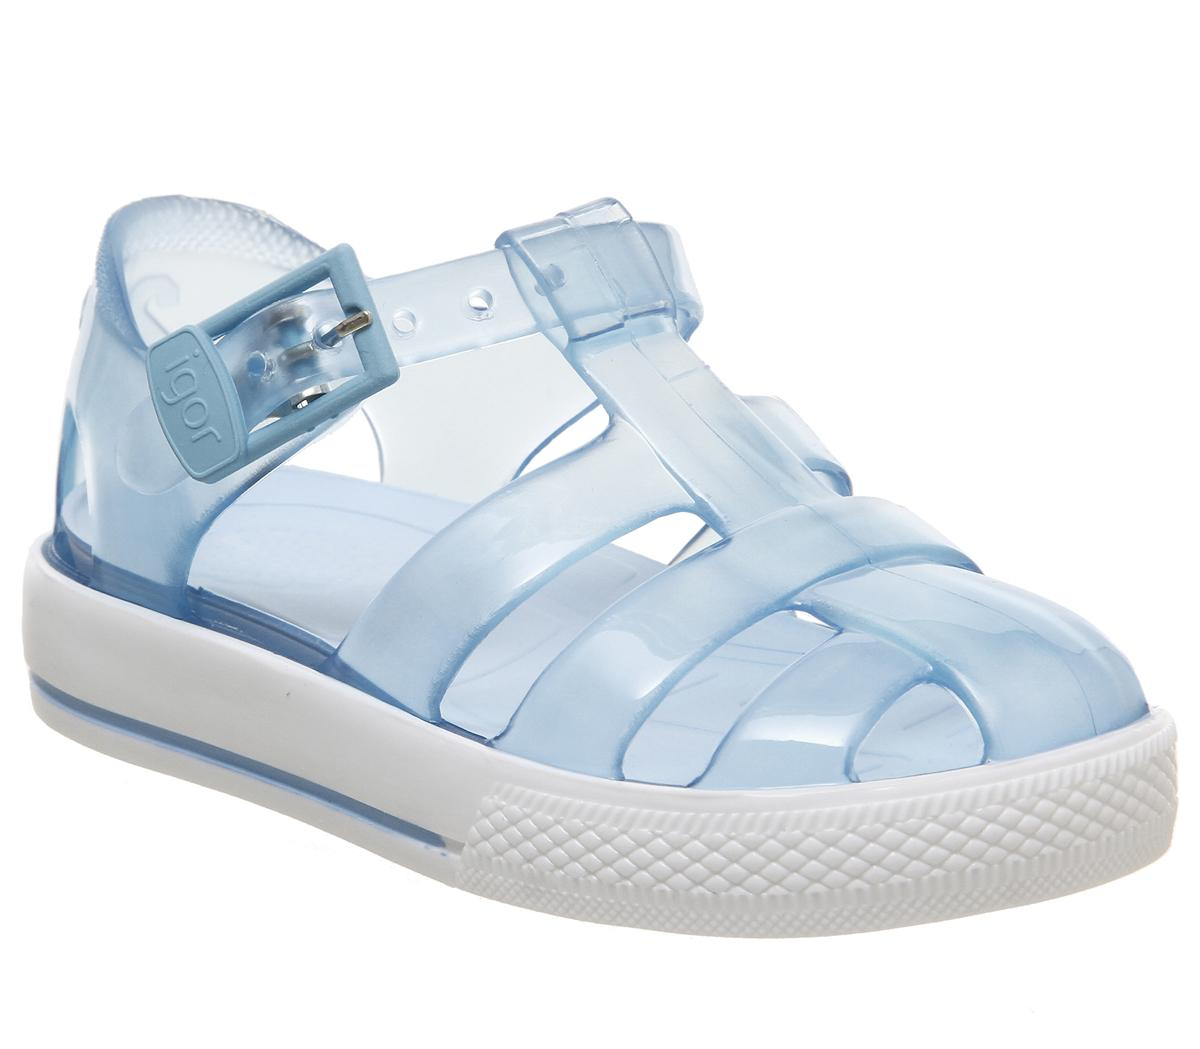 Tenis Sandals